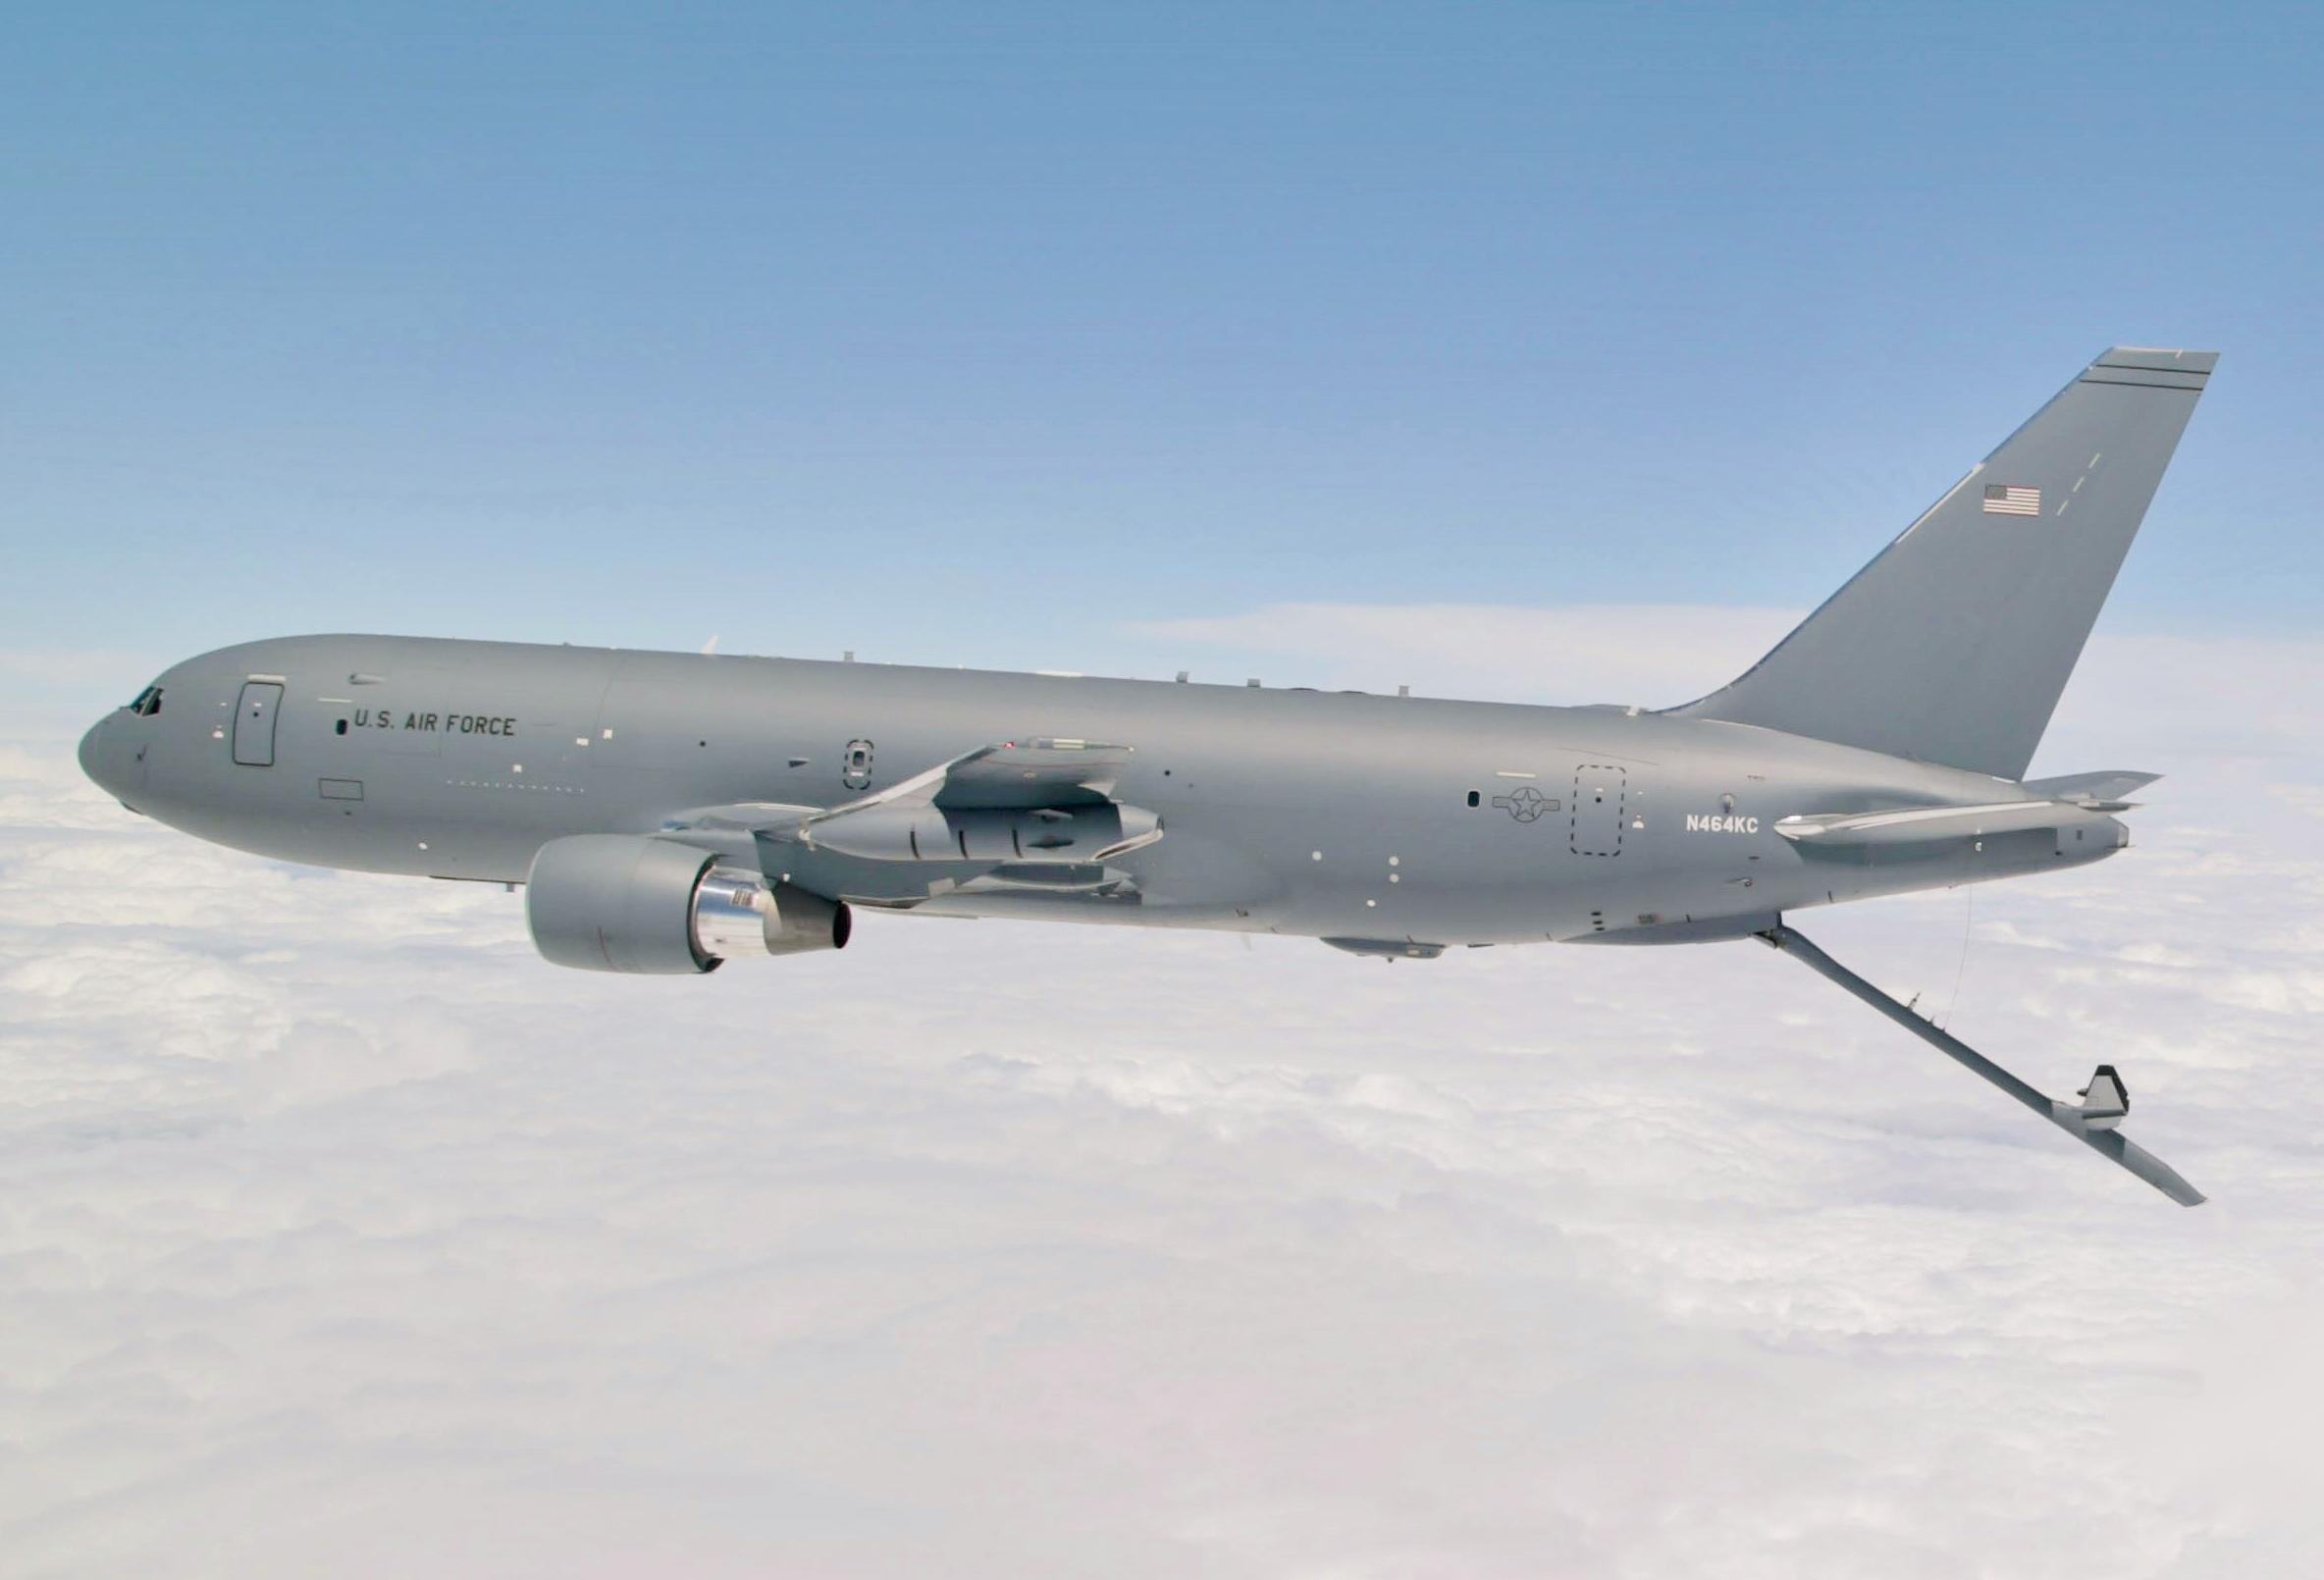 Boeing KC-46 Pegasus - Wikipedia